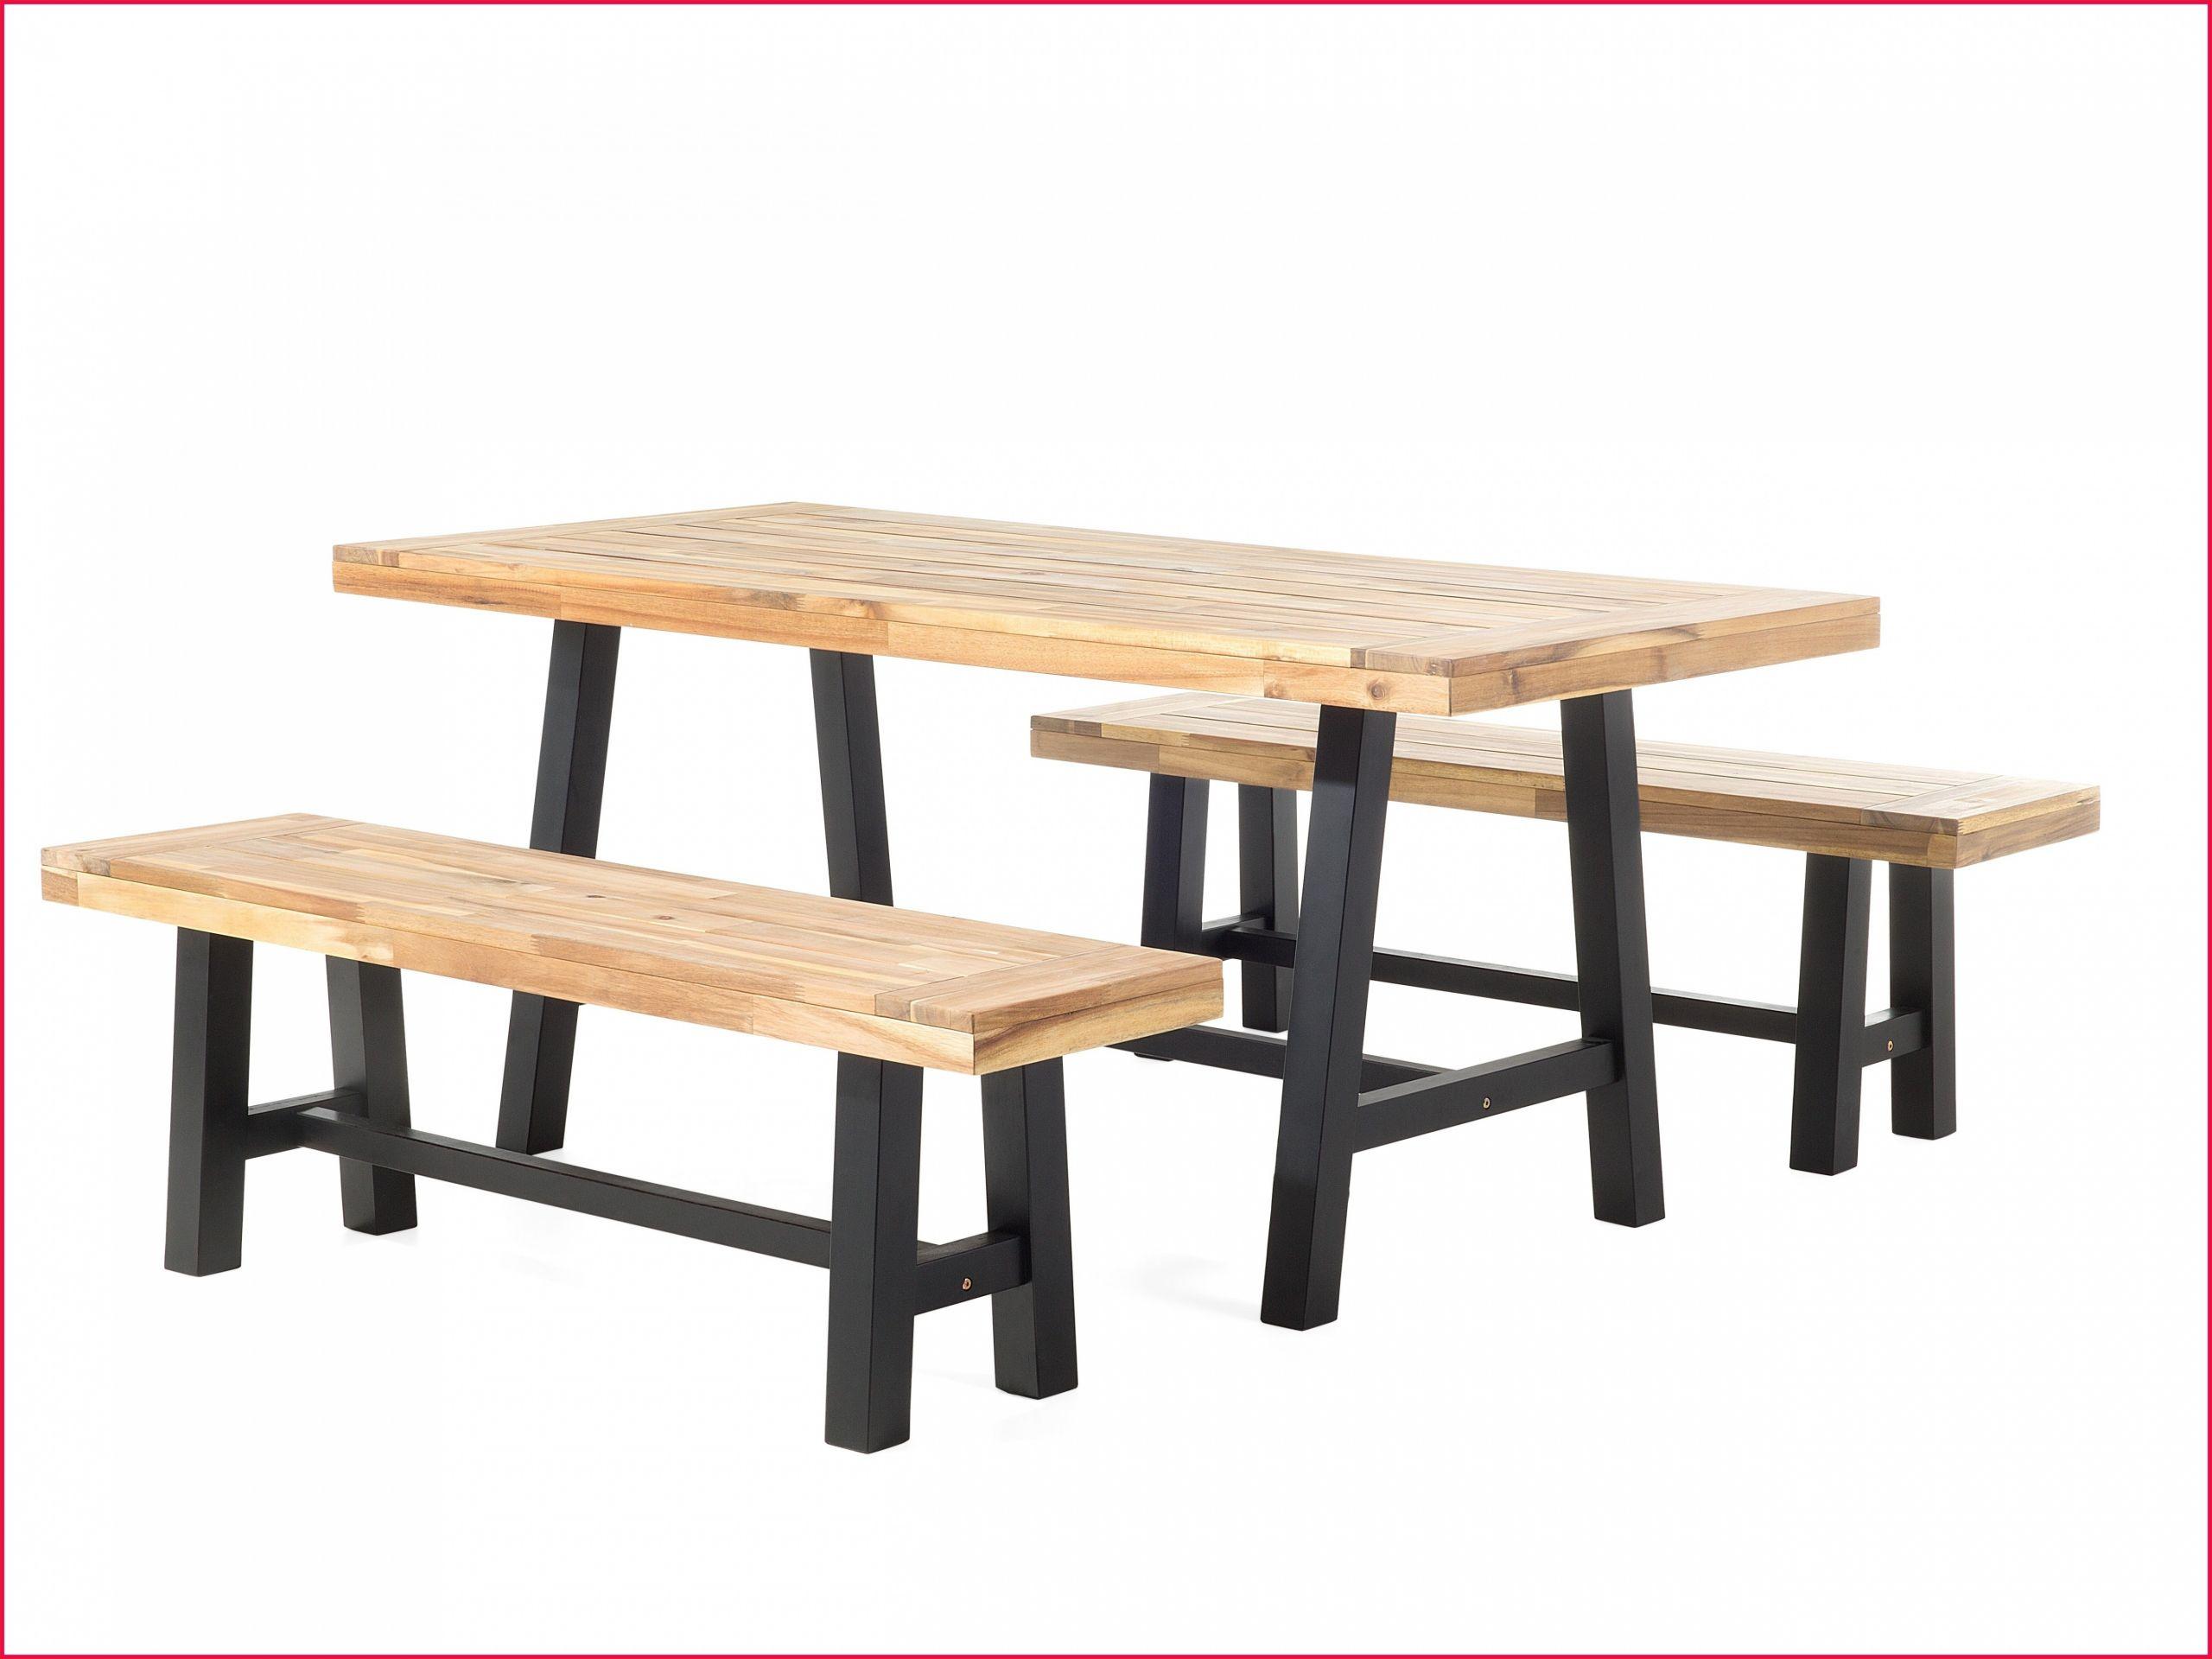 Table Et Banc De Jardin Génial Innovante Banc Pour Jardin Image De Jardin Décoratif